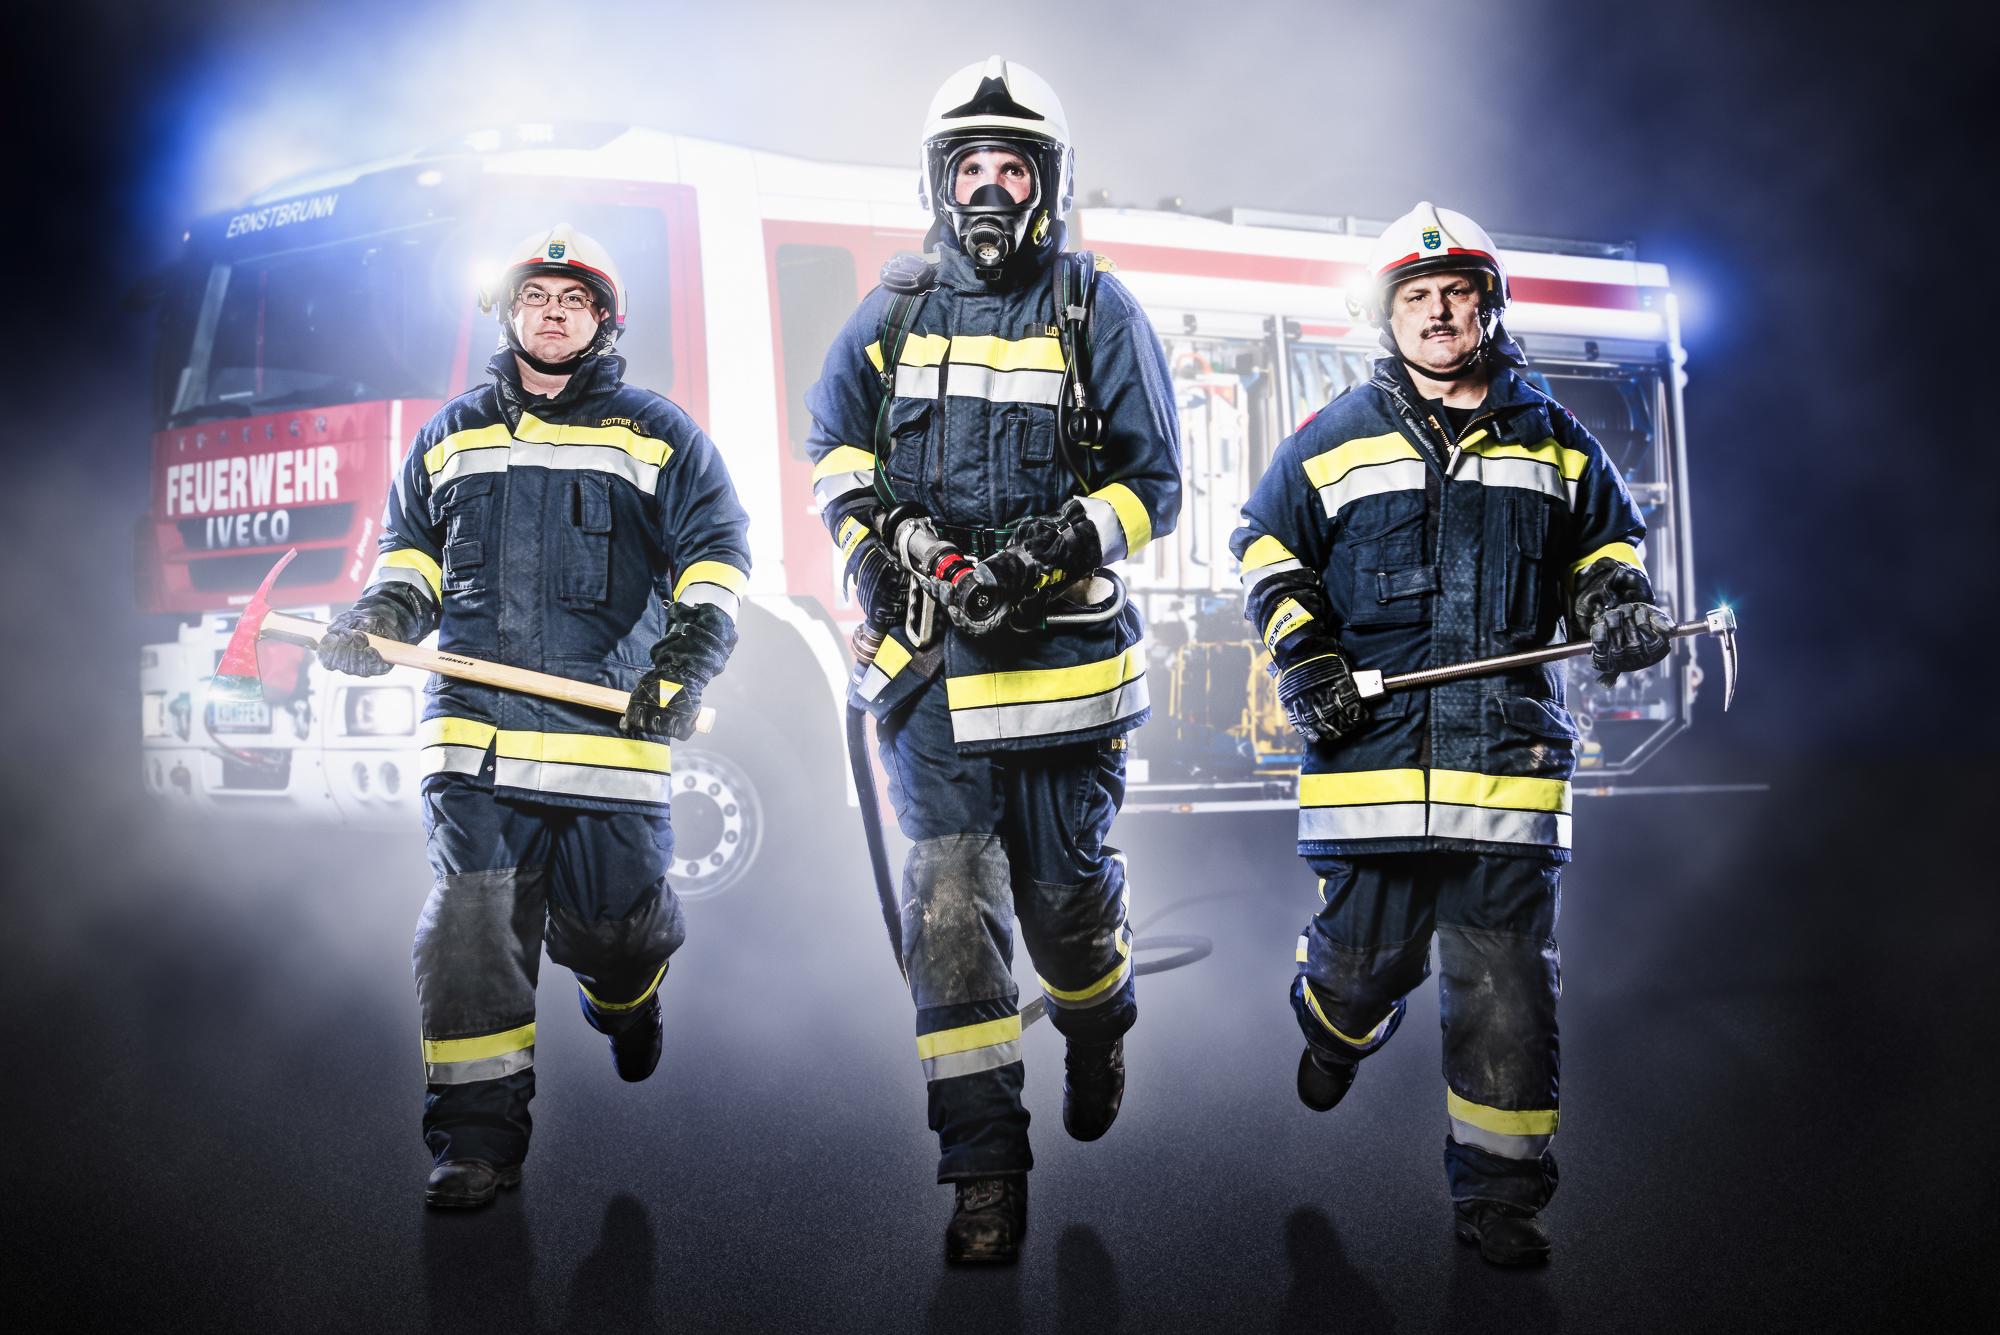 Freiwillige Feuerwehr Ernstbrunn Shooting aus Commercial-Portfolio